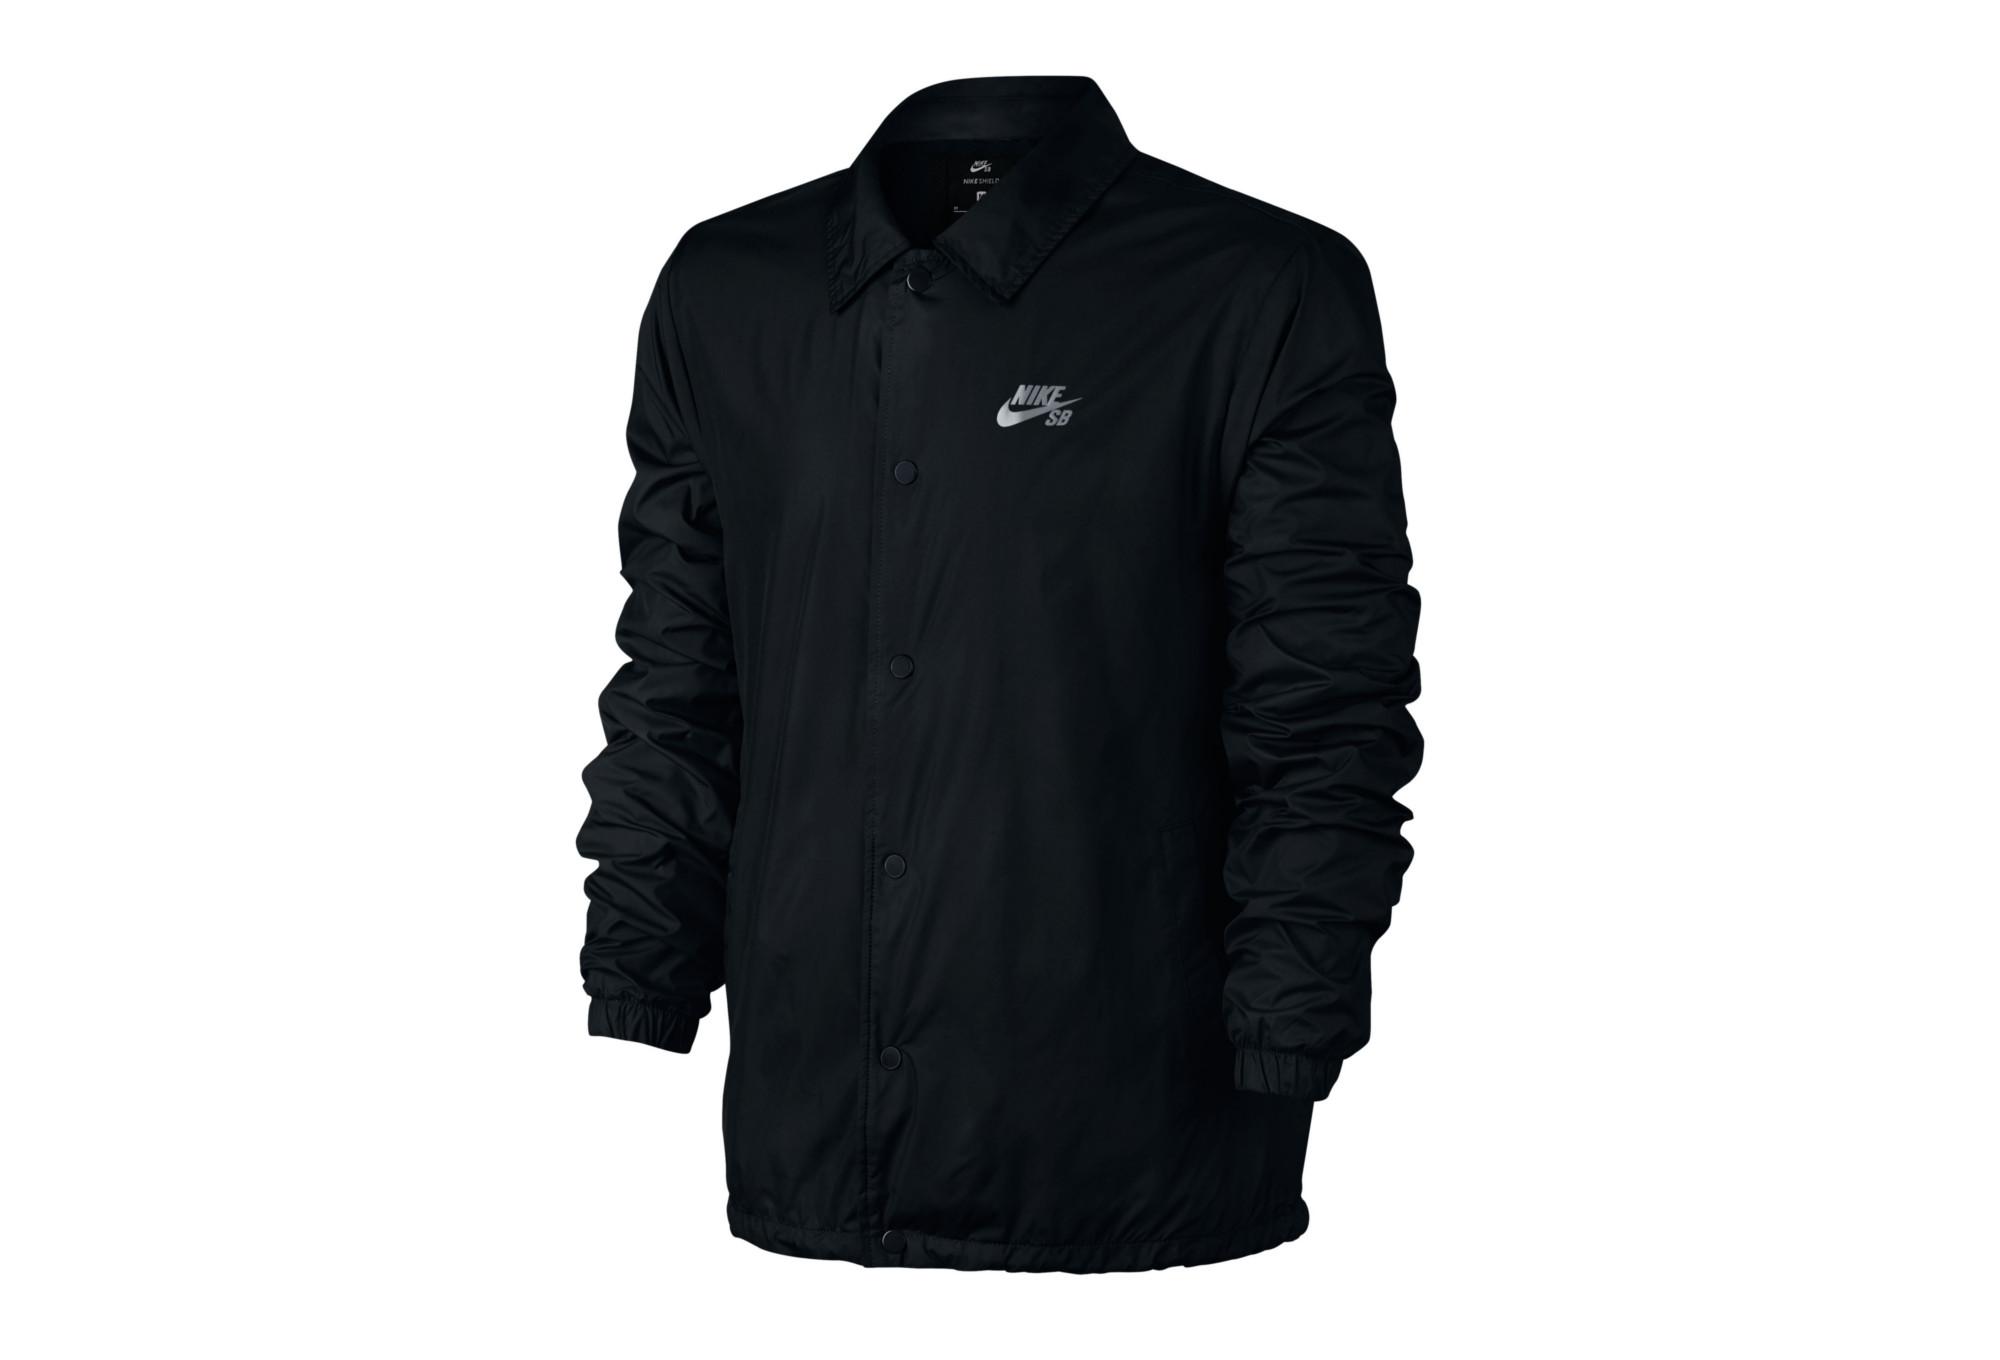 Veste Nike SB Shield Noir Gris |